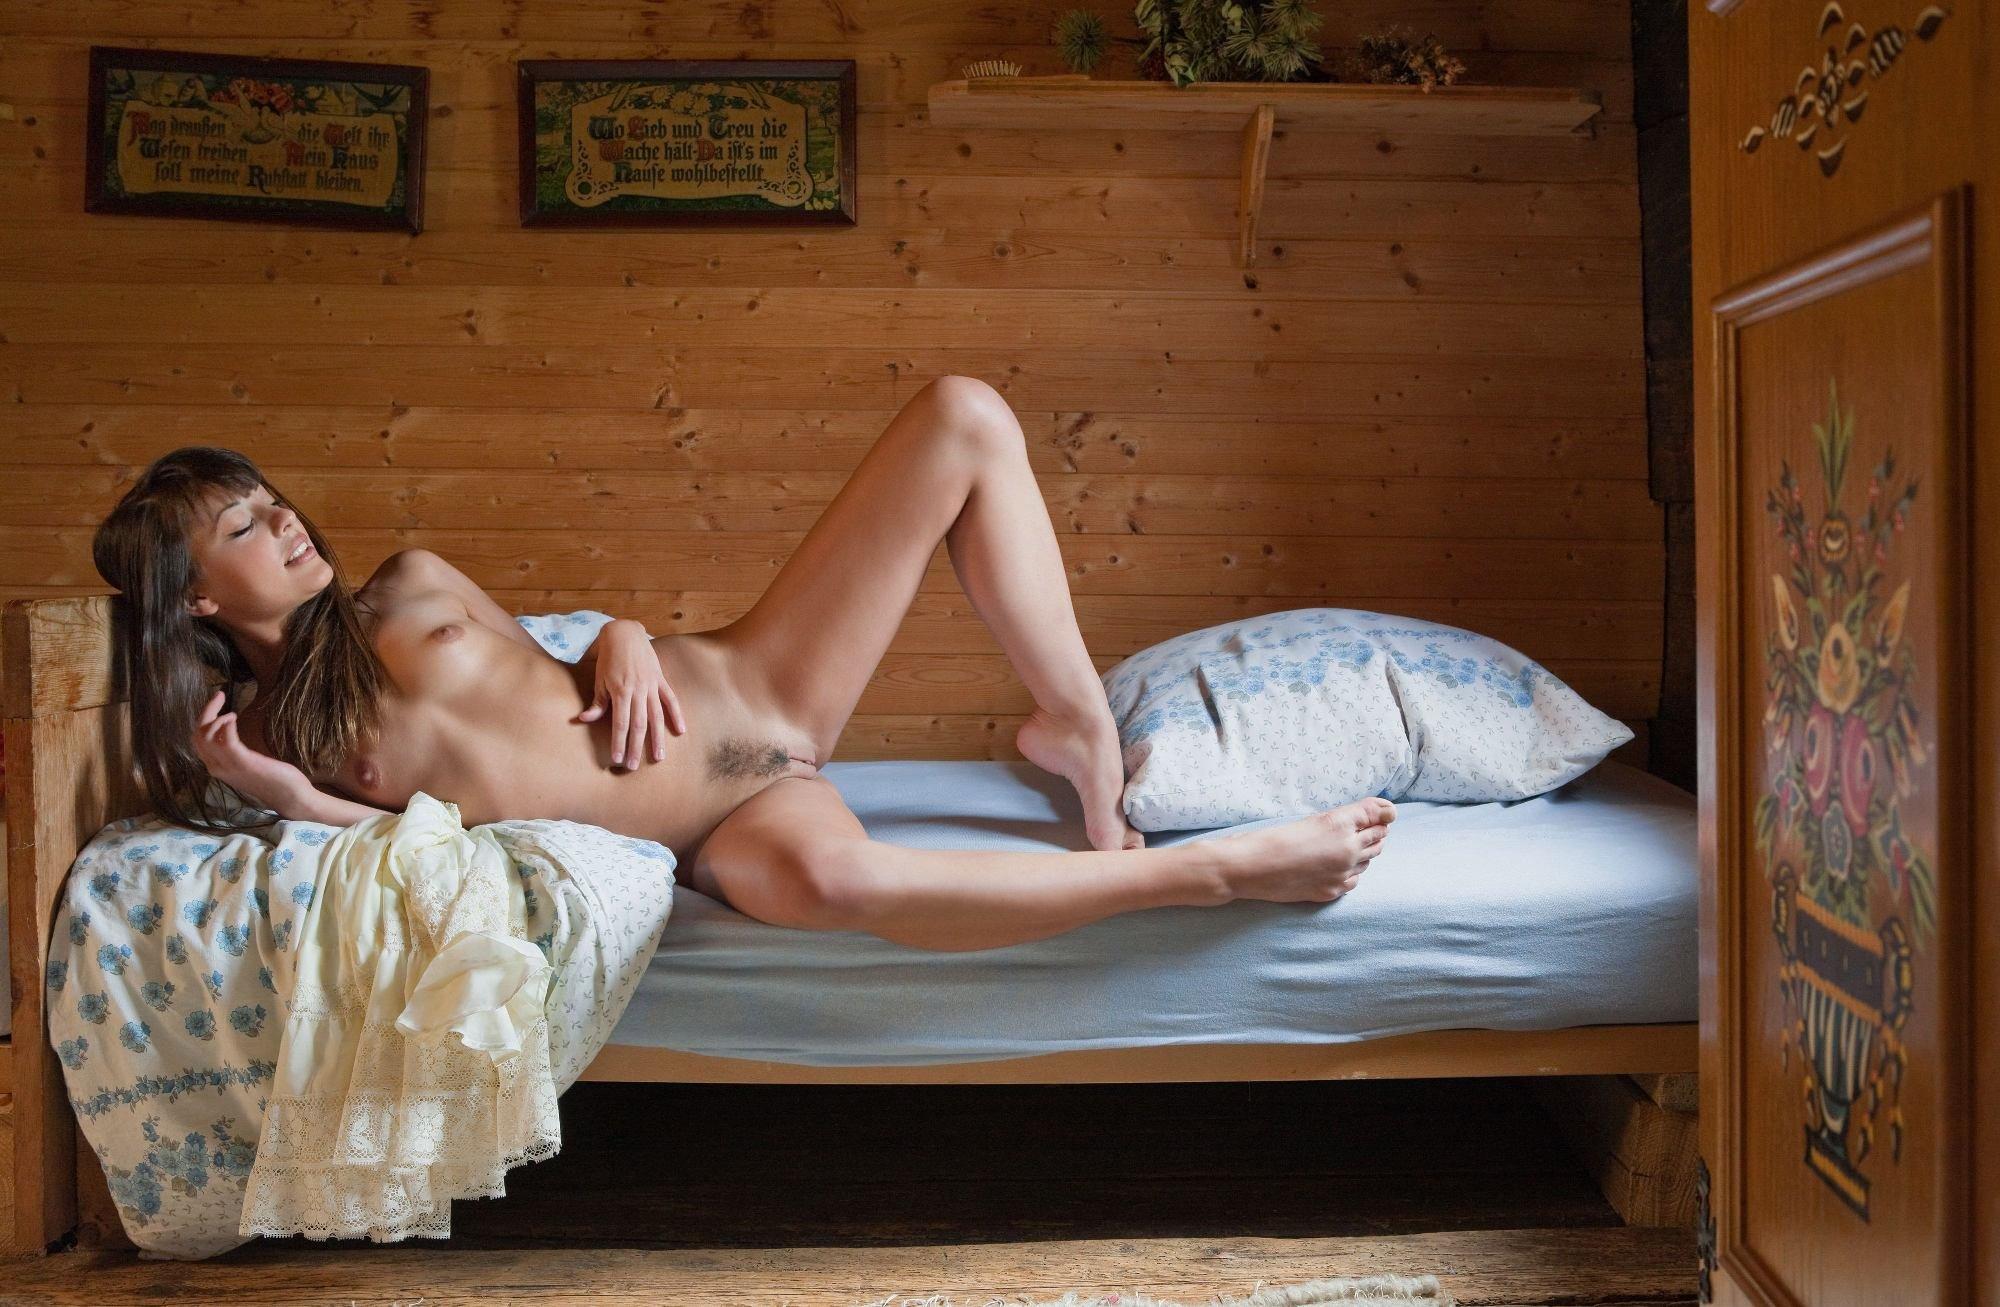 seks-video-v-dome-na-derevyannoy-krovati